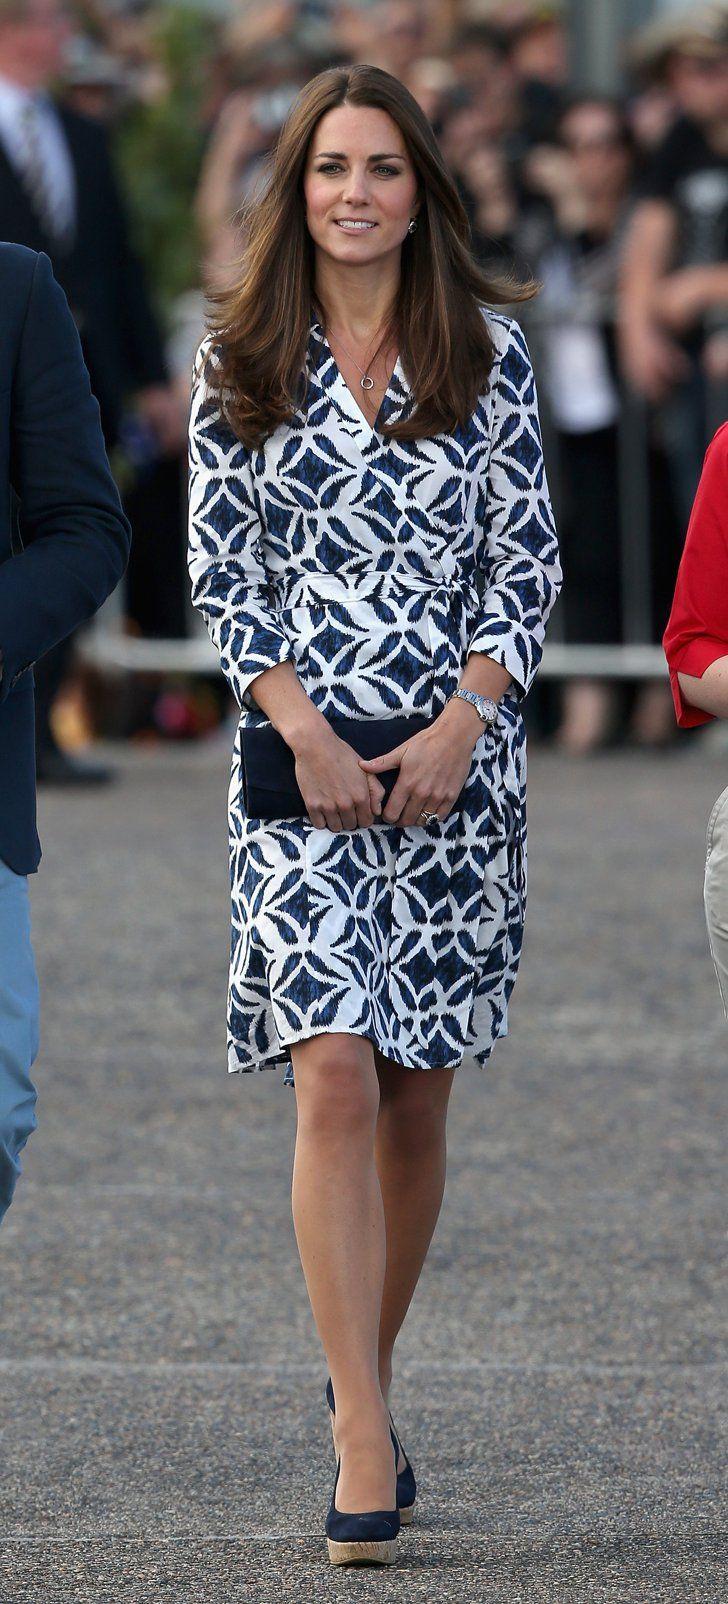 Pin for Later: Die Freiheitsstatue wickelt sich in Diane Von Furstenberg Kate Middleton in einem Wickelkleid von DVF